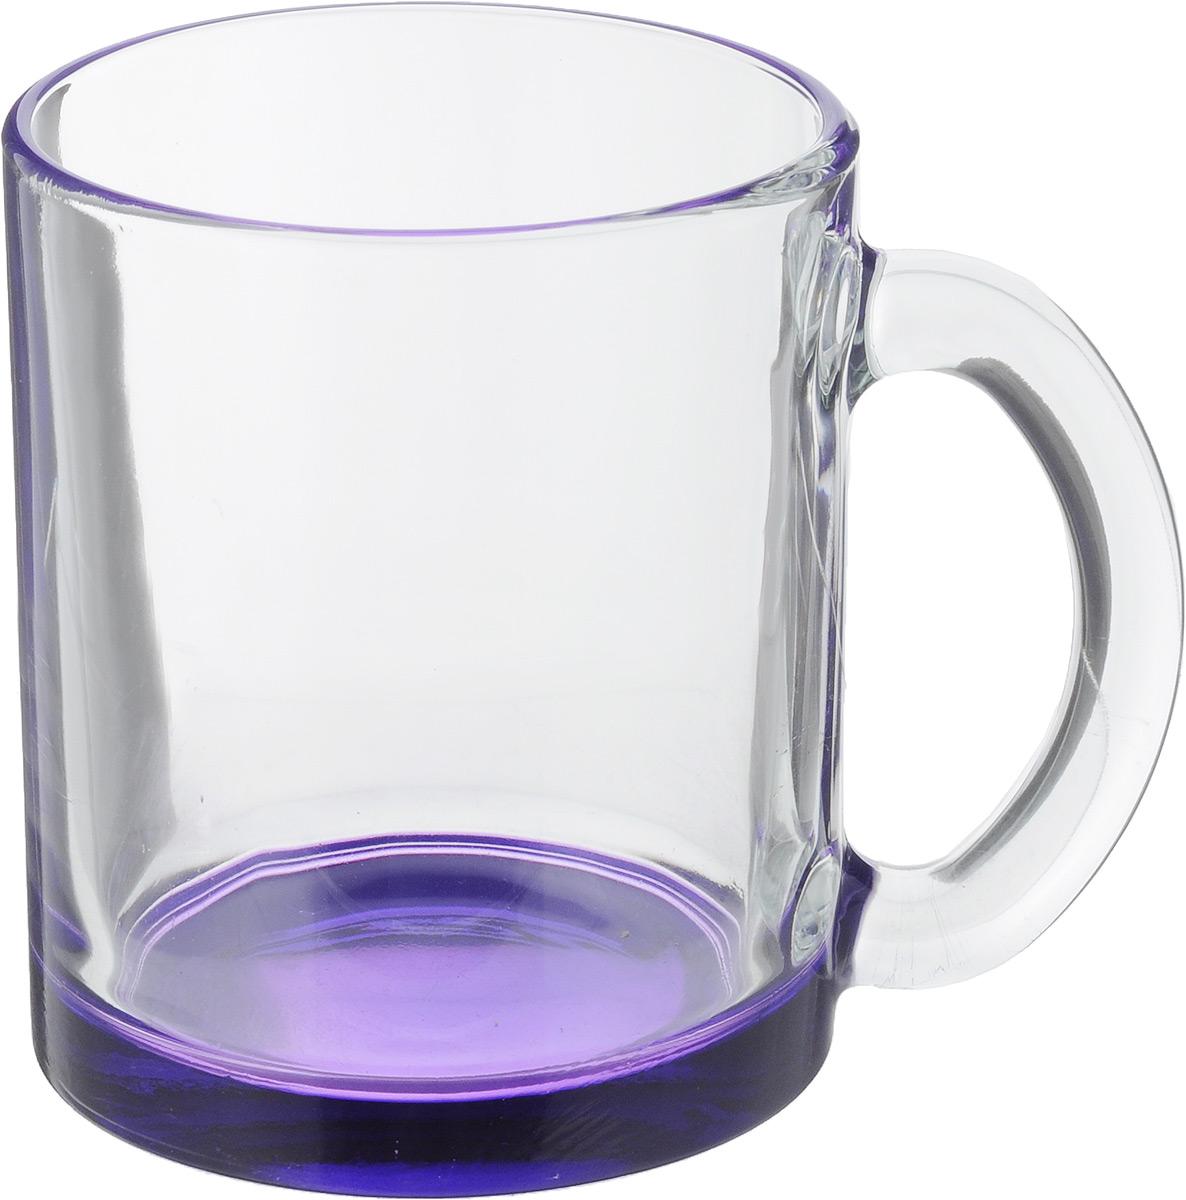 Кружка OSZ Чайная, цвет: прозрачный, фиолетовый, 320 мл04C1208LM_ прозрачный, фиолетовыйКружка OSZ Чайная изготовлена из стекла двух цветов. Изделие идеально подходит для сервировки стола.Кружка не только украсит ваш кухонный стол, но и подчеркнет прекрасный вкус хозяйки. Диаметр кружки (по верхнему краю): 8 см. Высота кружки: 9,5 см. Объем кружки: 320 мл.